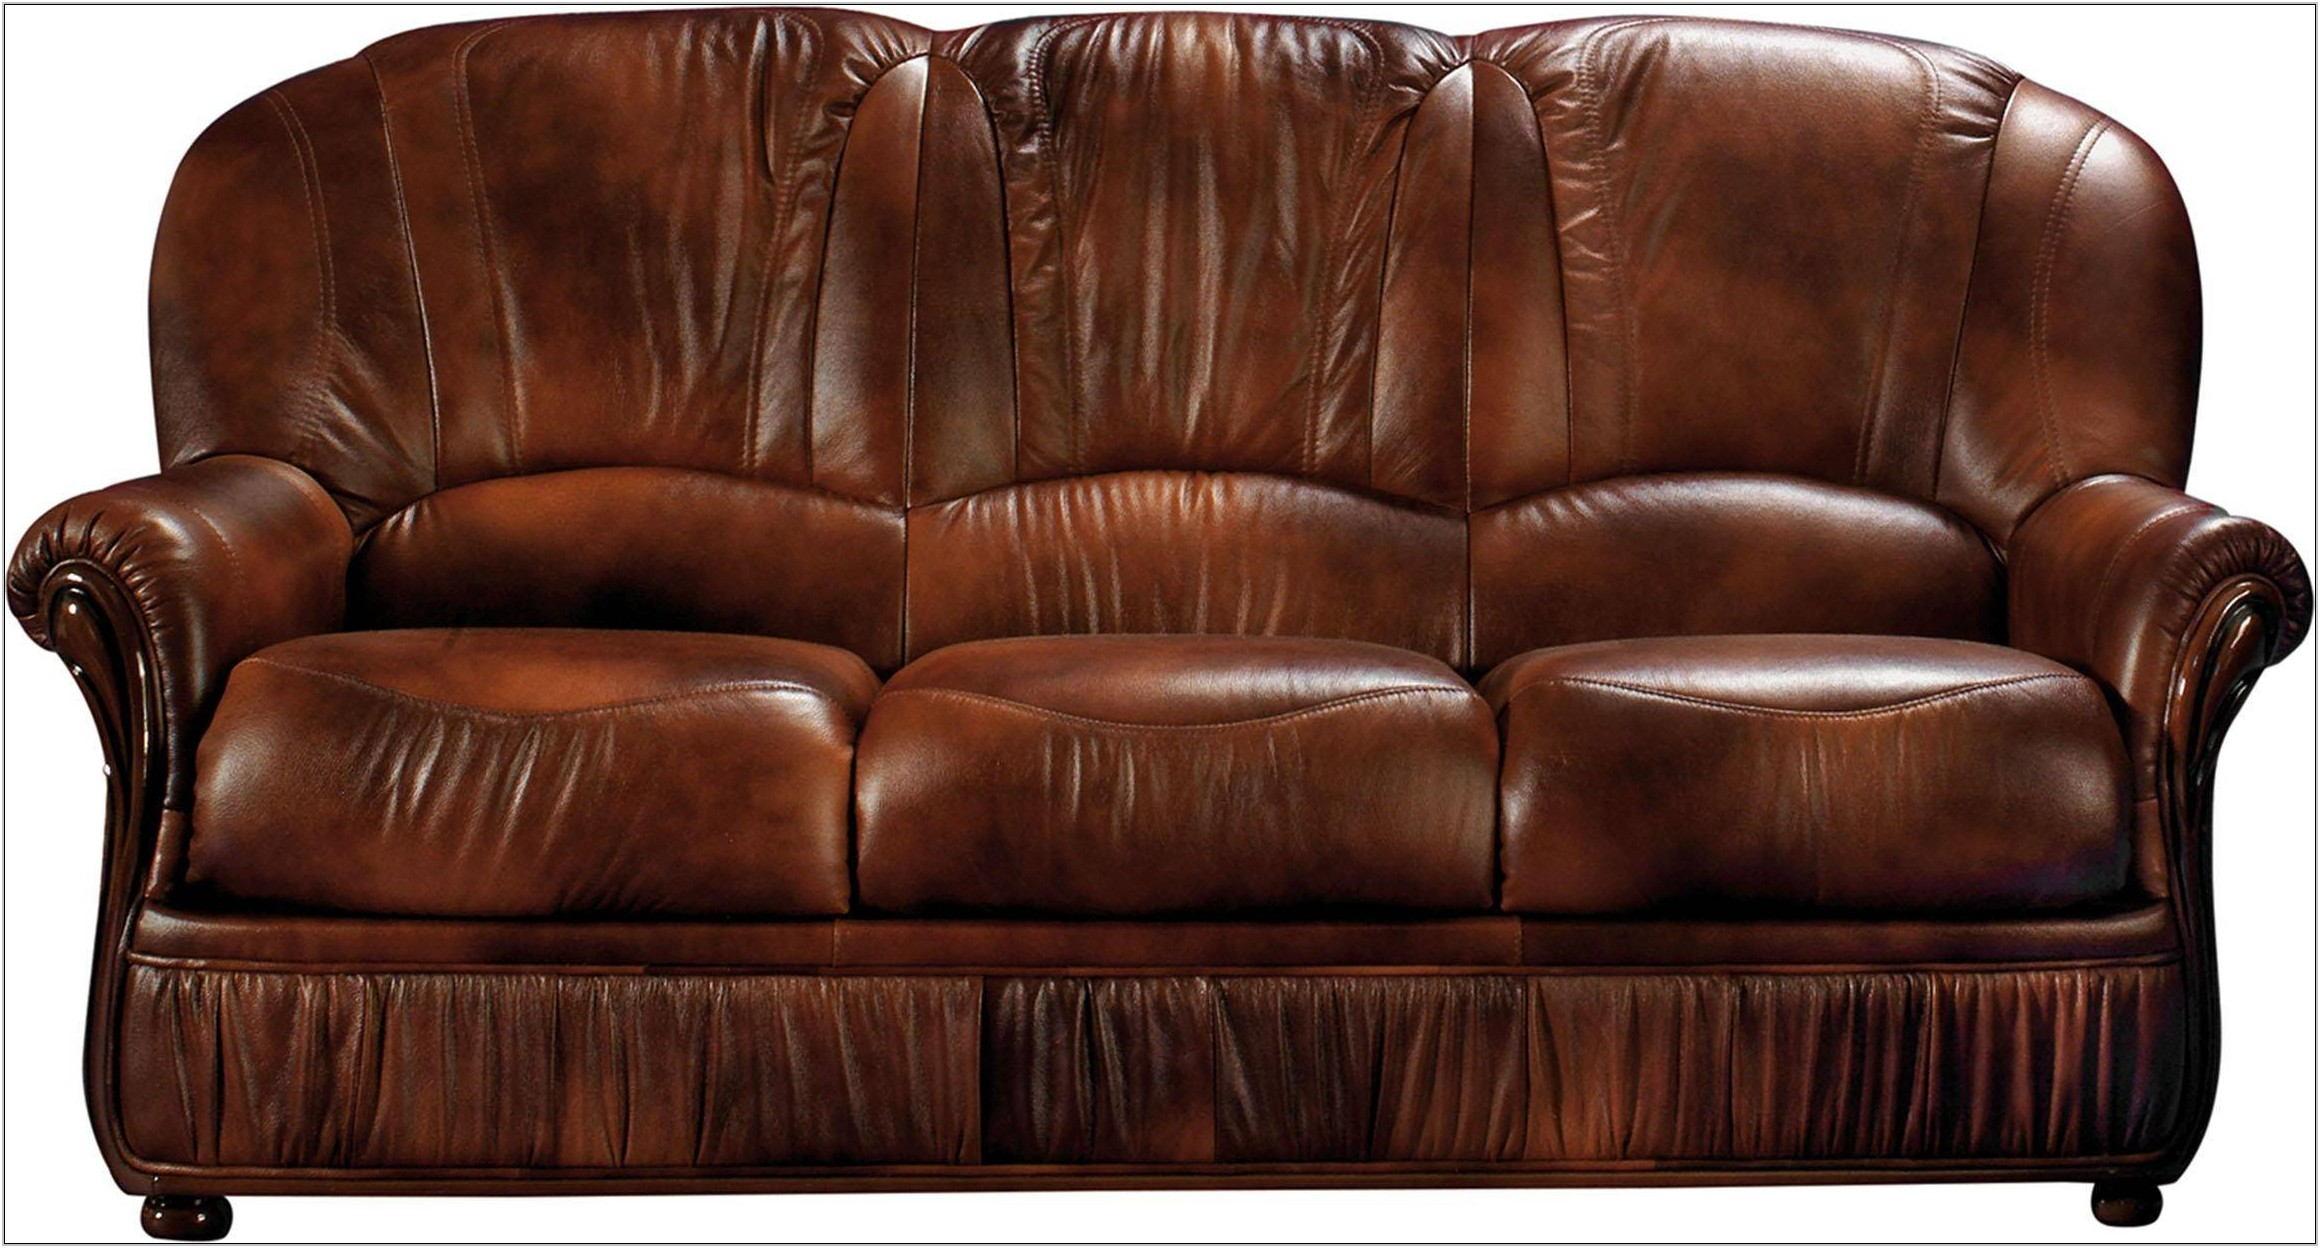 Full Grain Leather Living Room Set